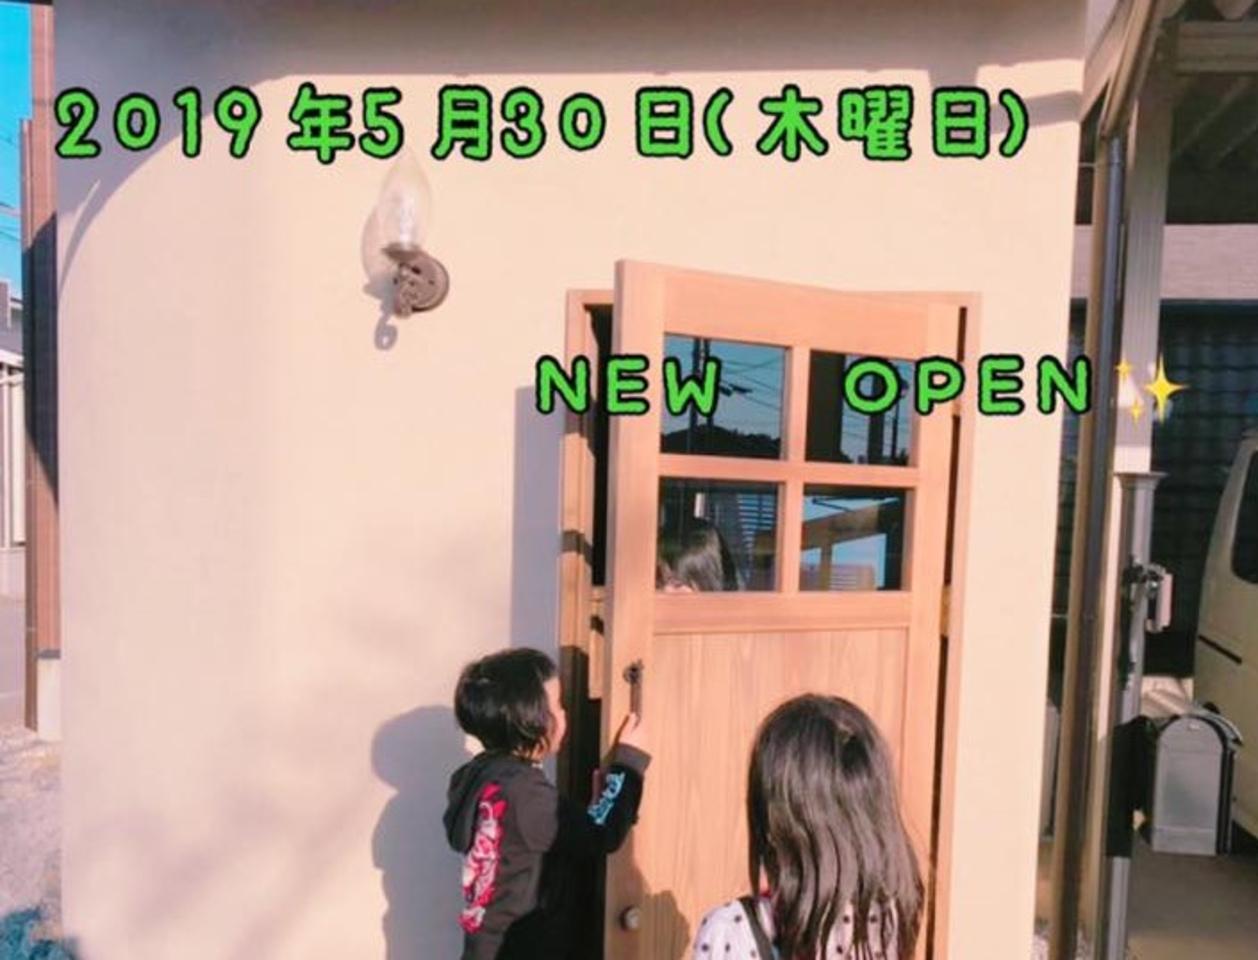 滋賀県彦根市南川瀬町にごはんとおやつのテイクアウト専門店「垣見食堂」が本日オープンのようです。